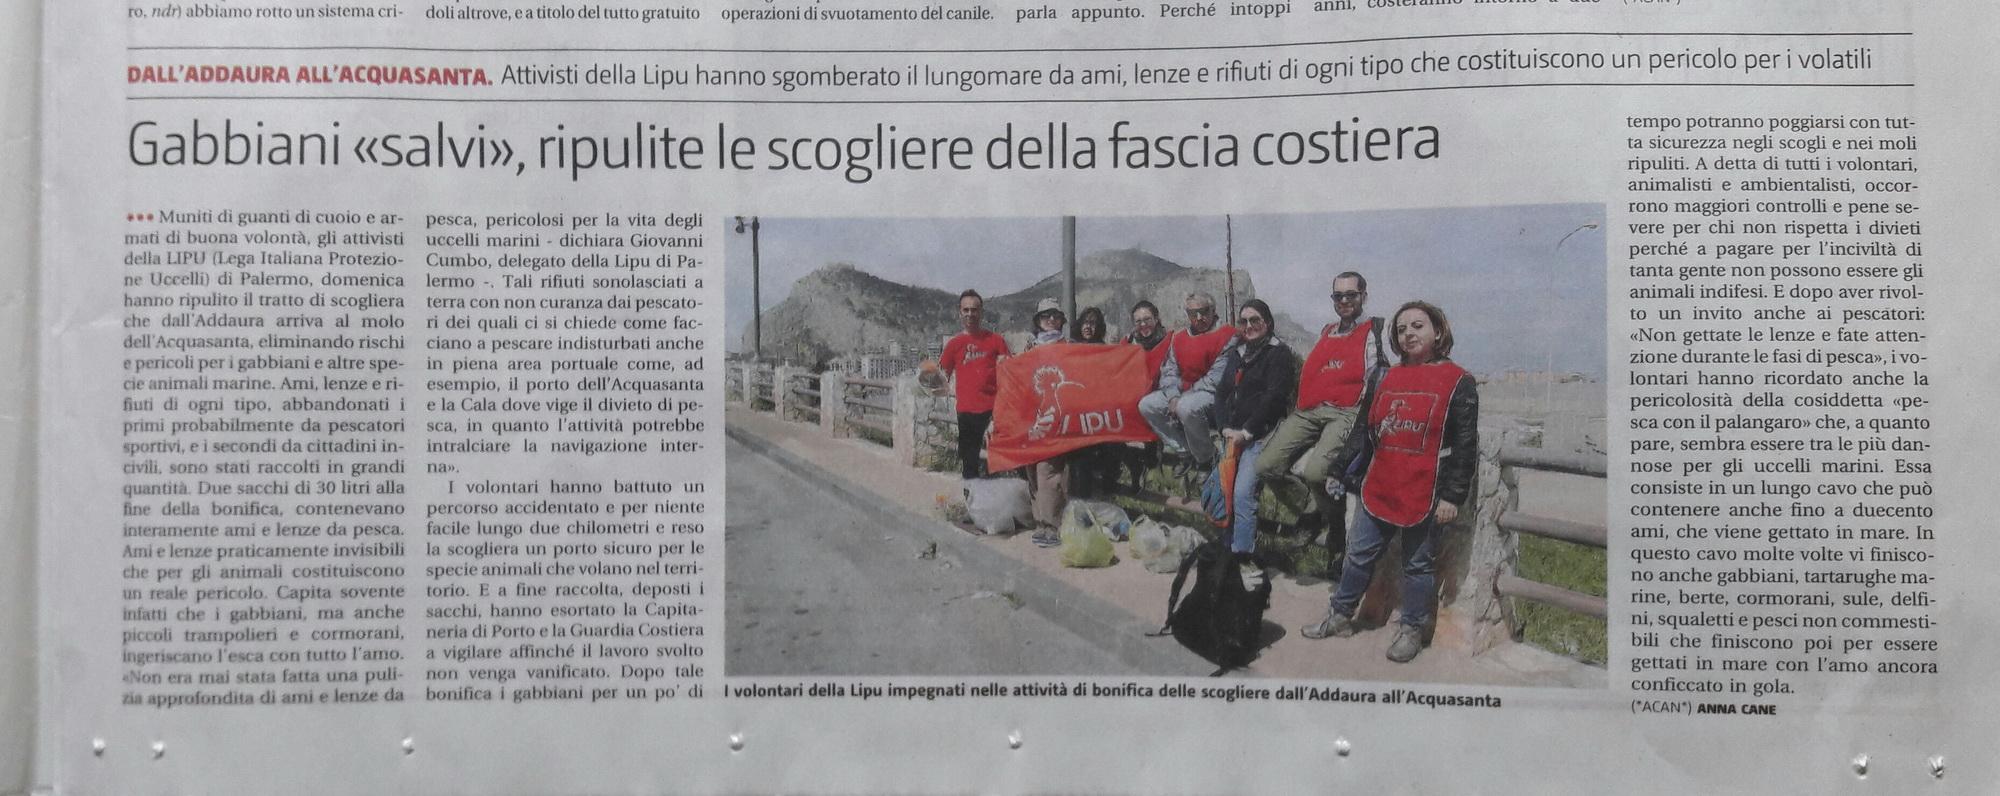 Giornale di Sicilia 28 marzo 2017-